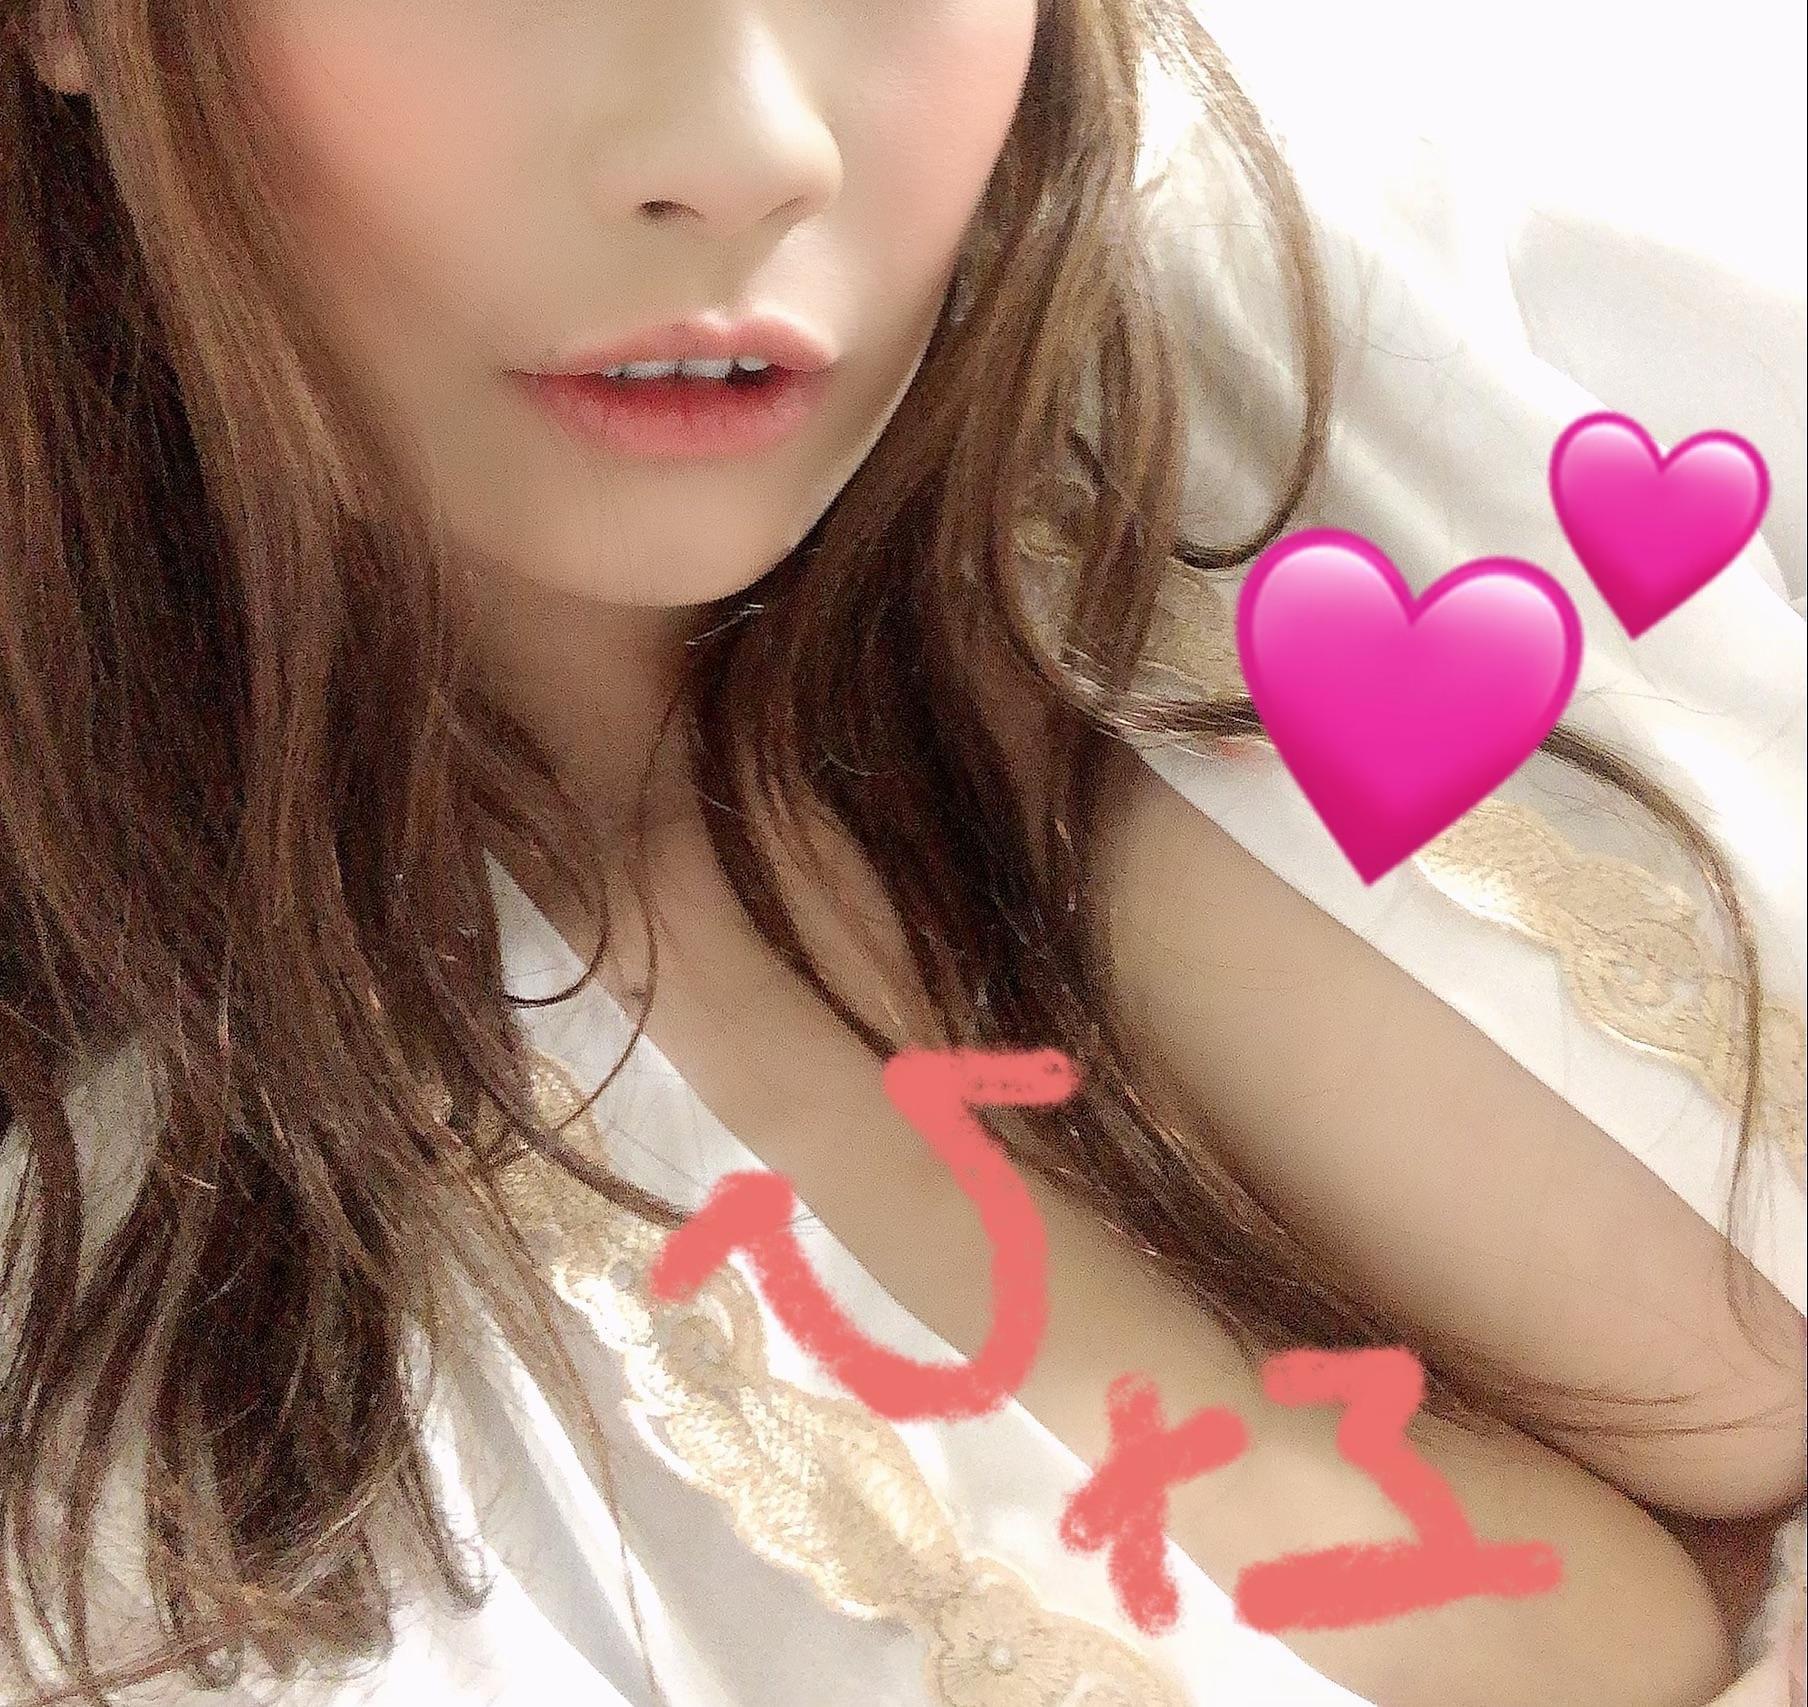 「おはよう♡」01/19(01/19) 12:54 | 雅ひなの写メ・風俗動画